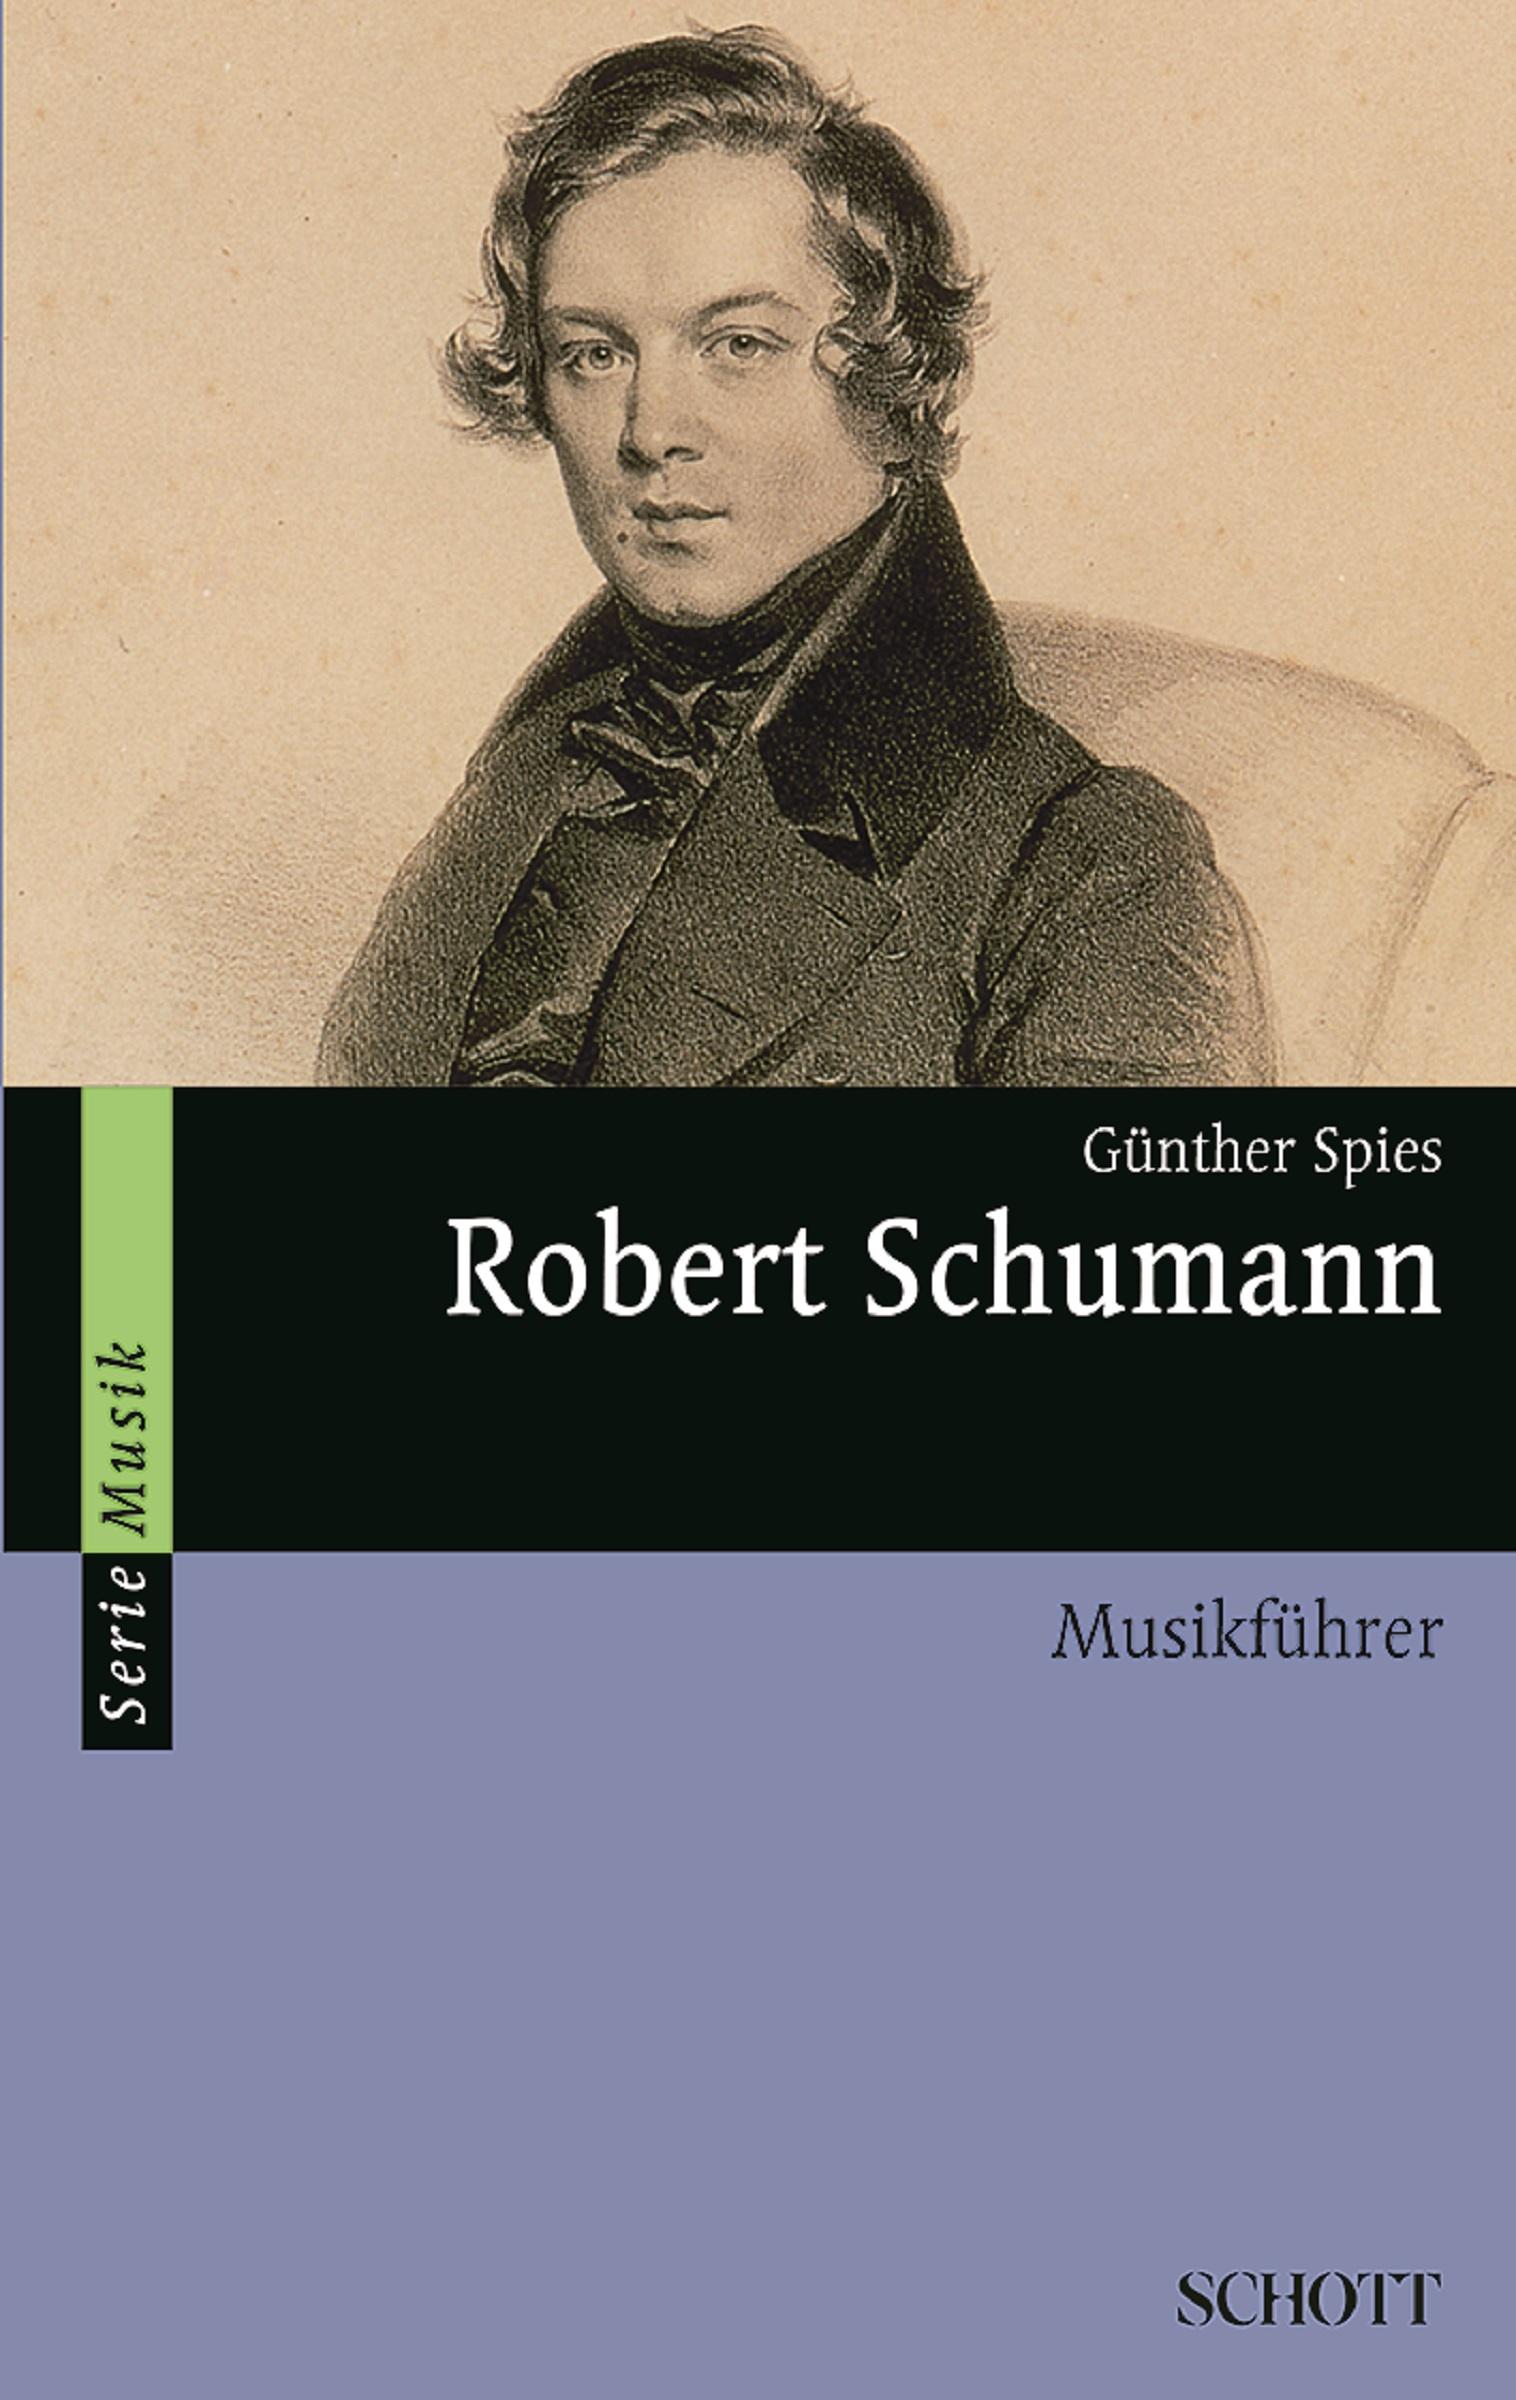 цена на Günther Spies Robert Schumann